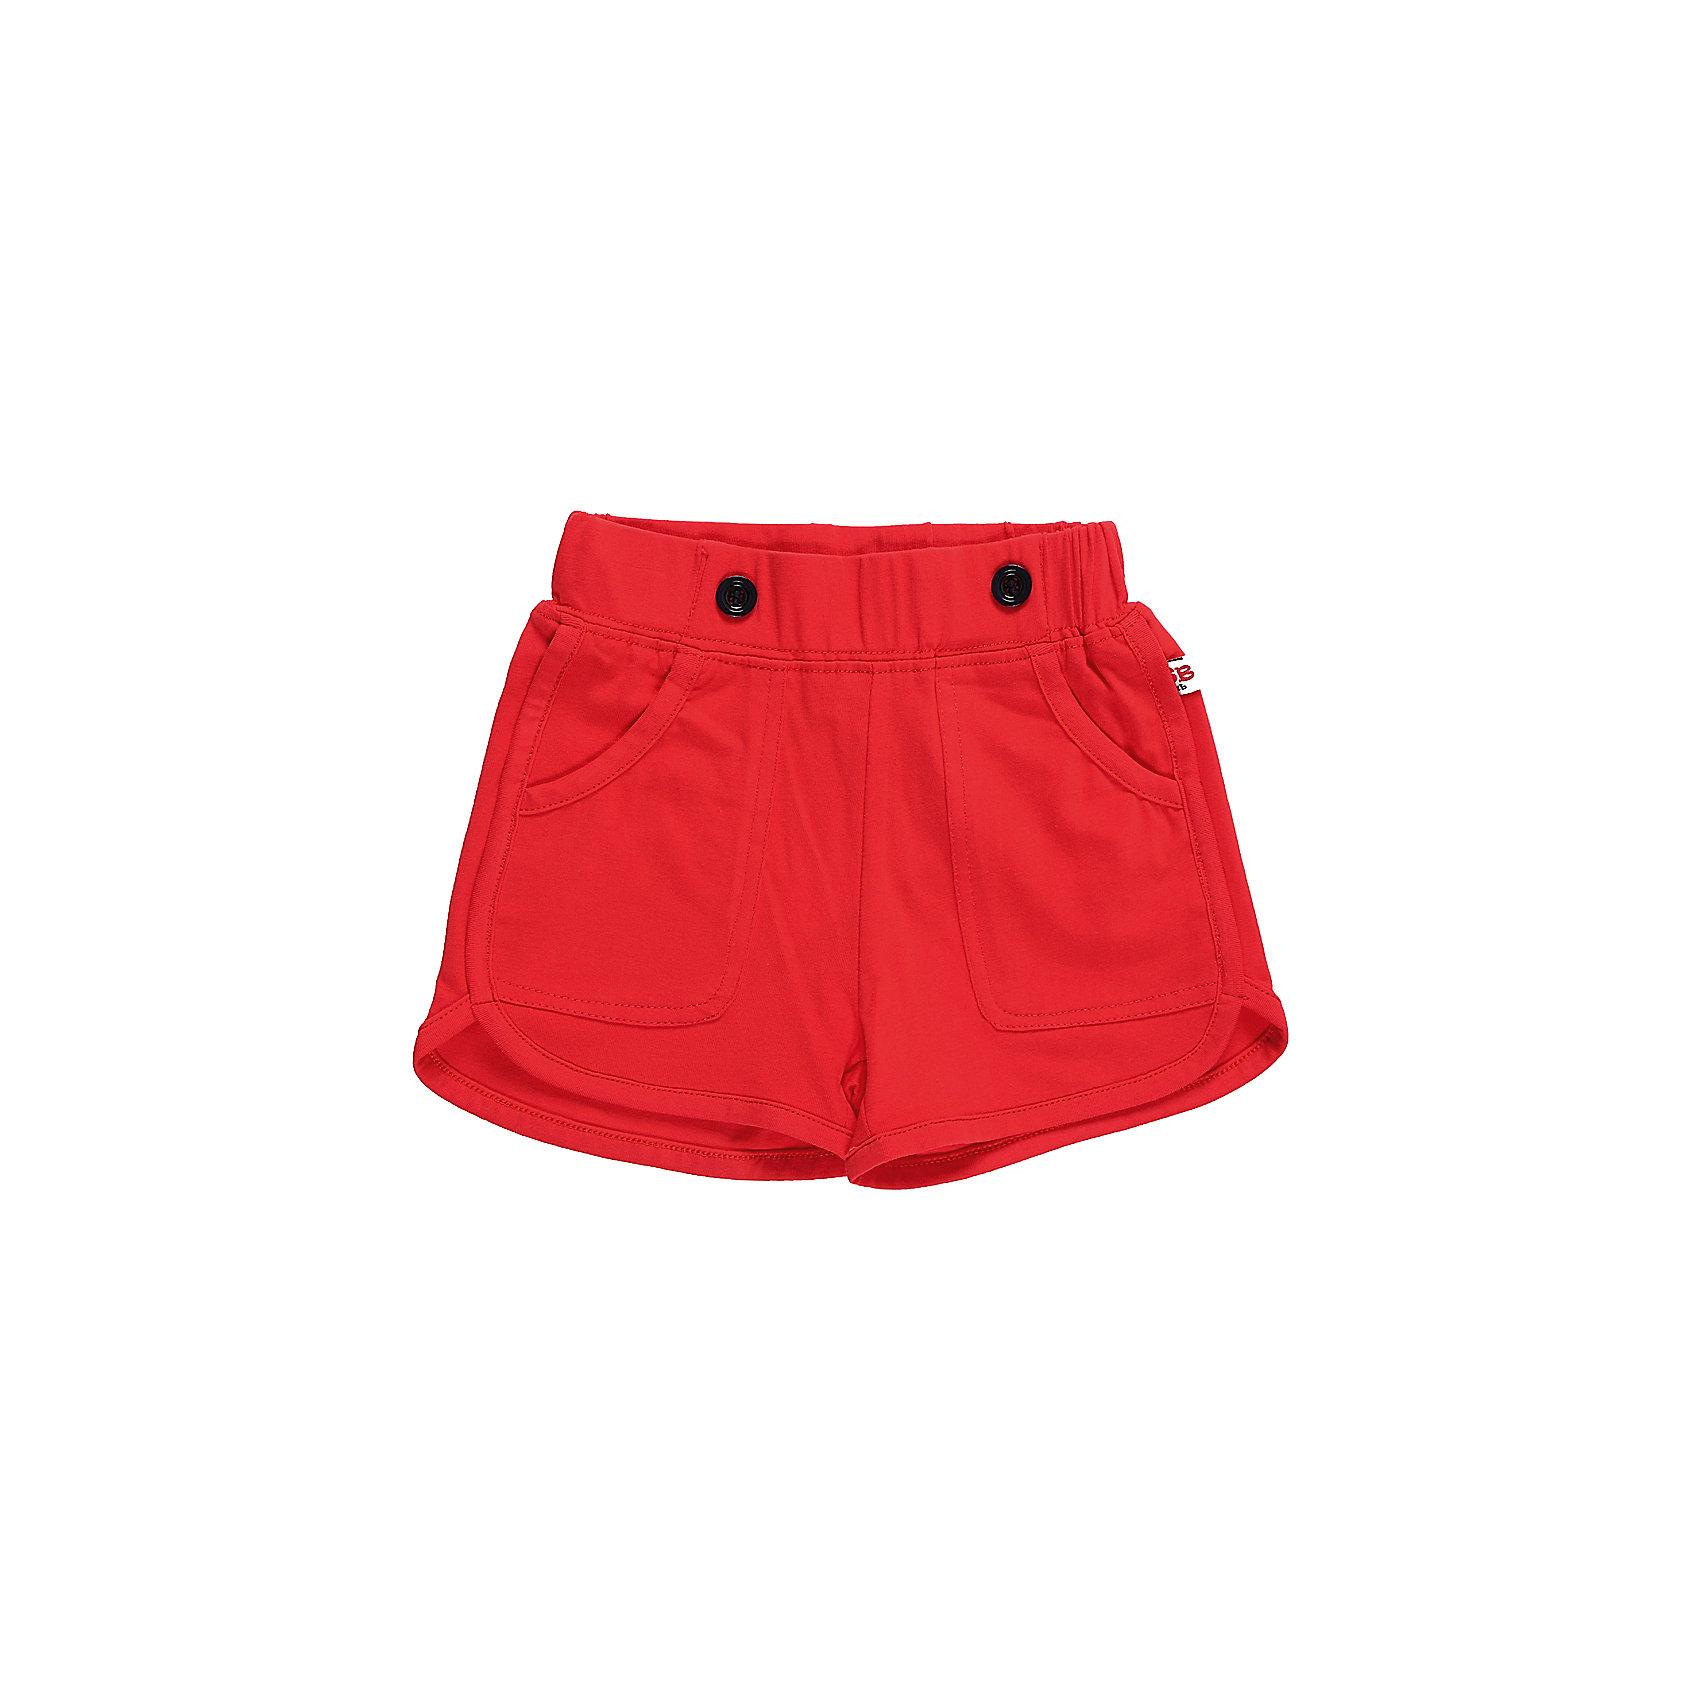 Шорты для девочки Sweet BerryШорты и бриджи<br>Трикотажные короткие шорты красного цвета для девочки.  Спереди два больших накладных  кармана. Эластичный пояс.<br>Состав:<br>95%хлопок 5%эластан<br><br>Ширина мм: 191<br>Глубина мм: 10<br>Высота мм: 175<br>Вес г: 273<br>Цвет: красный<br>Возраст от месяцев: 12<br>Возраст до месяцев: 15<br>Пол: Женский<br>Возраст: Детский<br>Размер: 80,86,92,98<br>SKU: 5411073